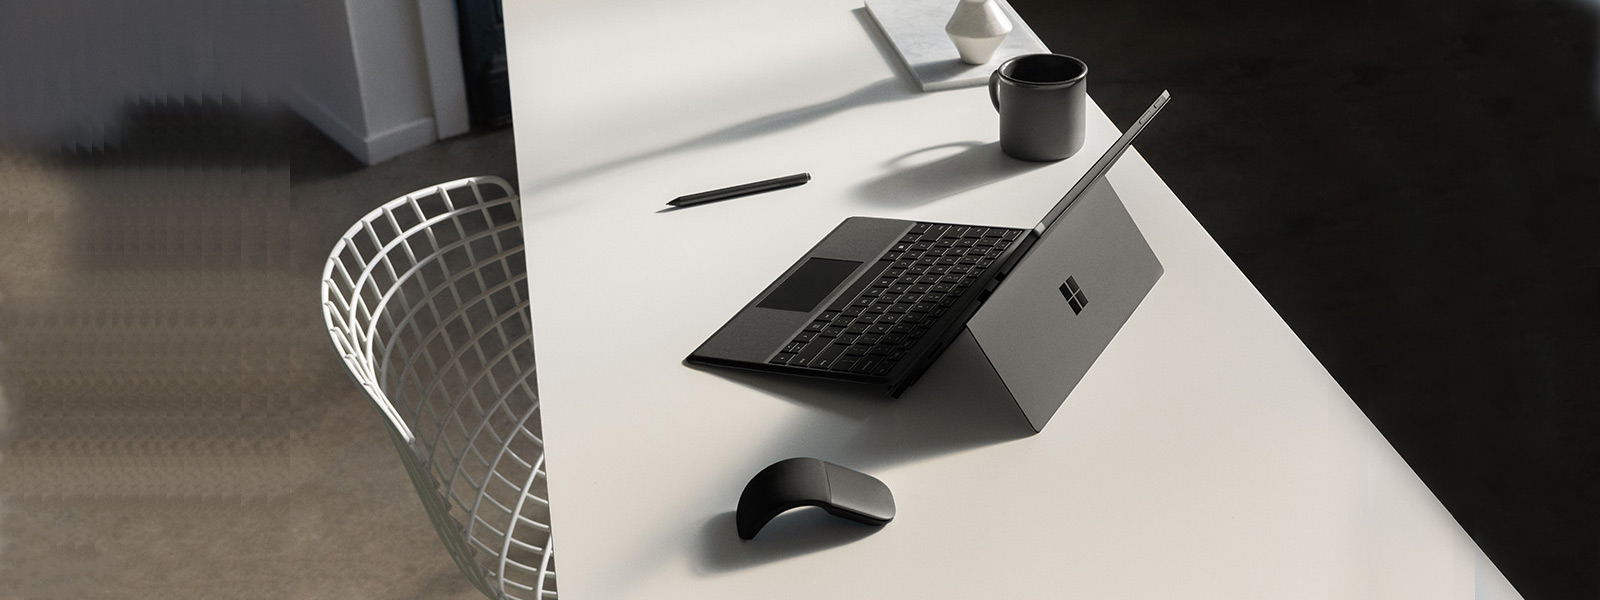 Surface Pro 6 på et skrivebord i laptoptilstand med Surface Pro Type Cover, Surface Pen og Surface Arc Mouse